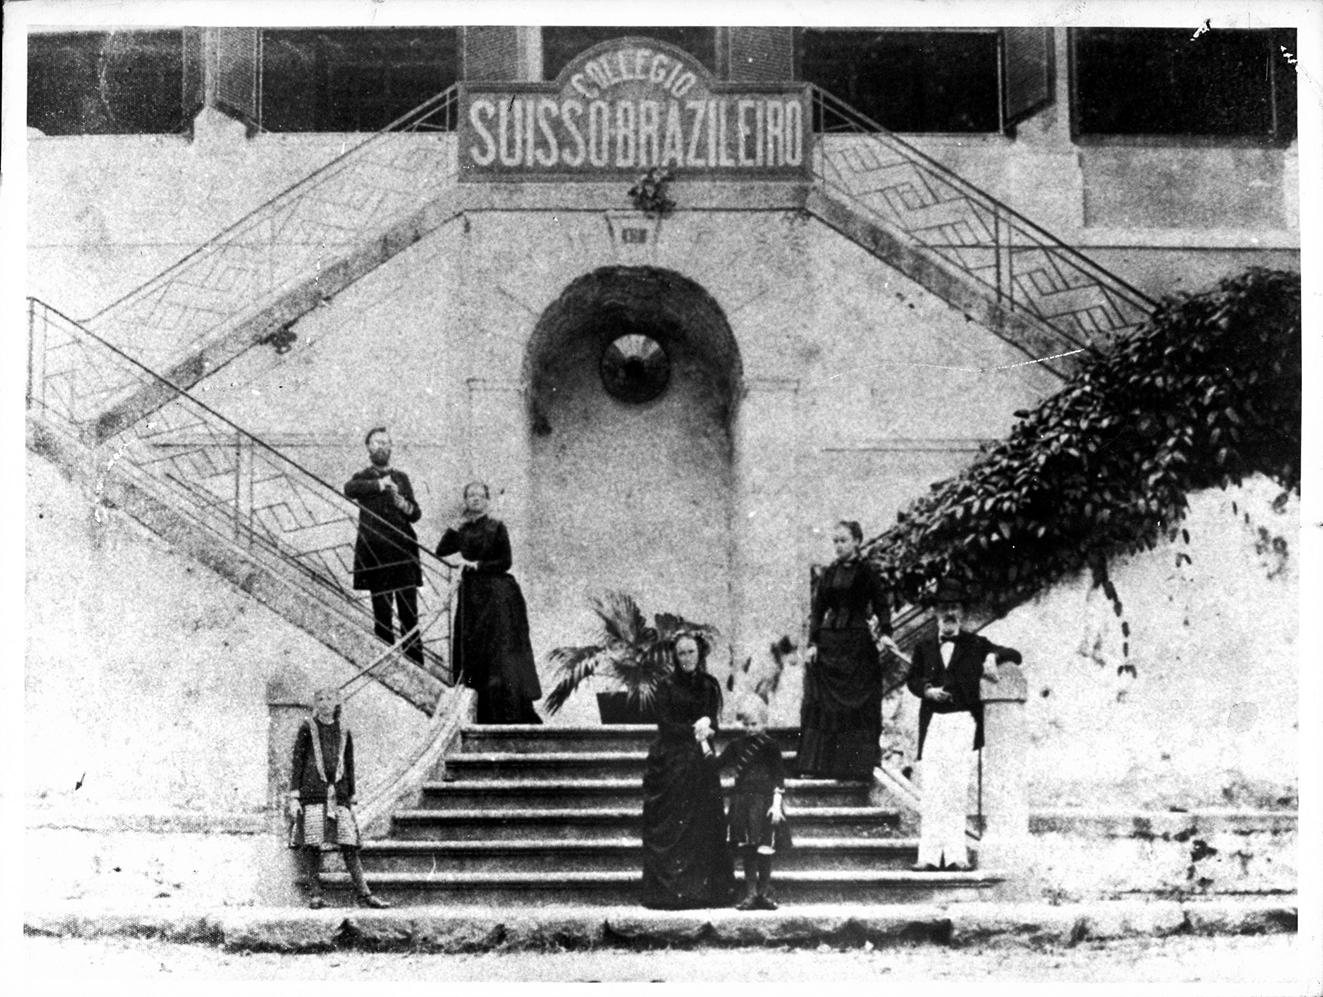 A família Lutz posa em frente ao Colégio Suíço-Brasileiro, criado no século 19 em uma residência da rua Farani, no Rio de Janeiro Acervo Instituto Adolfo Lutz